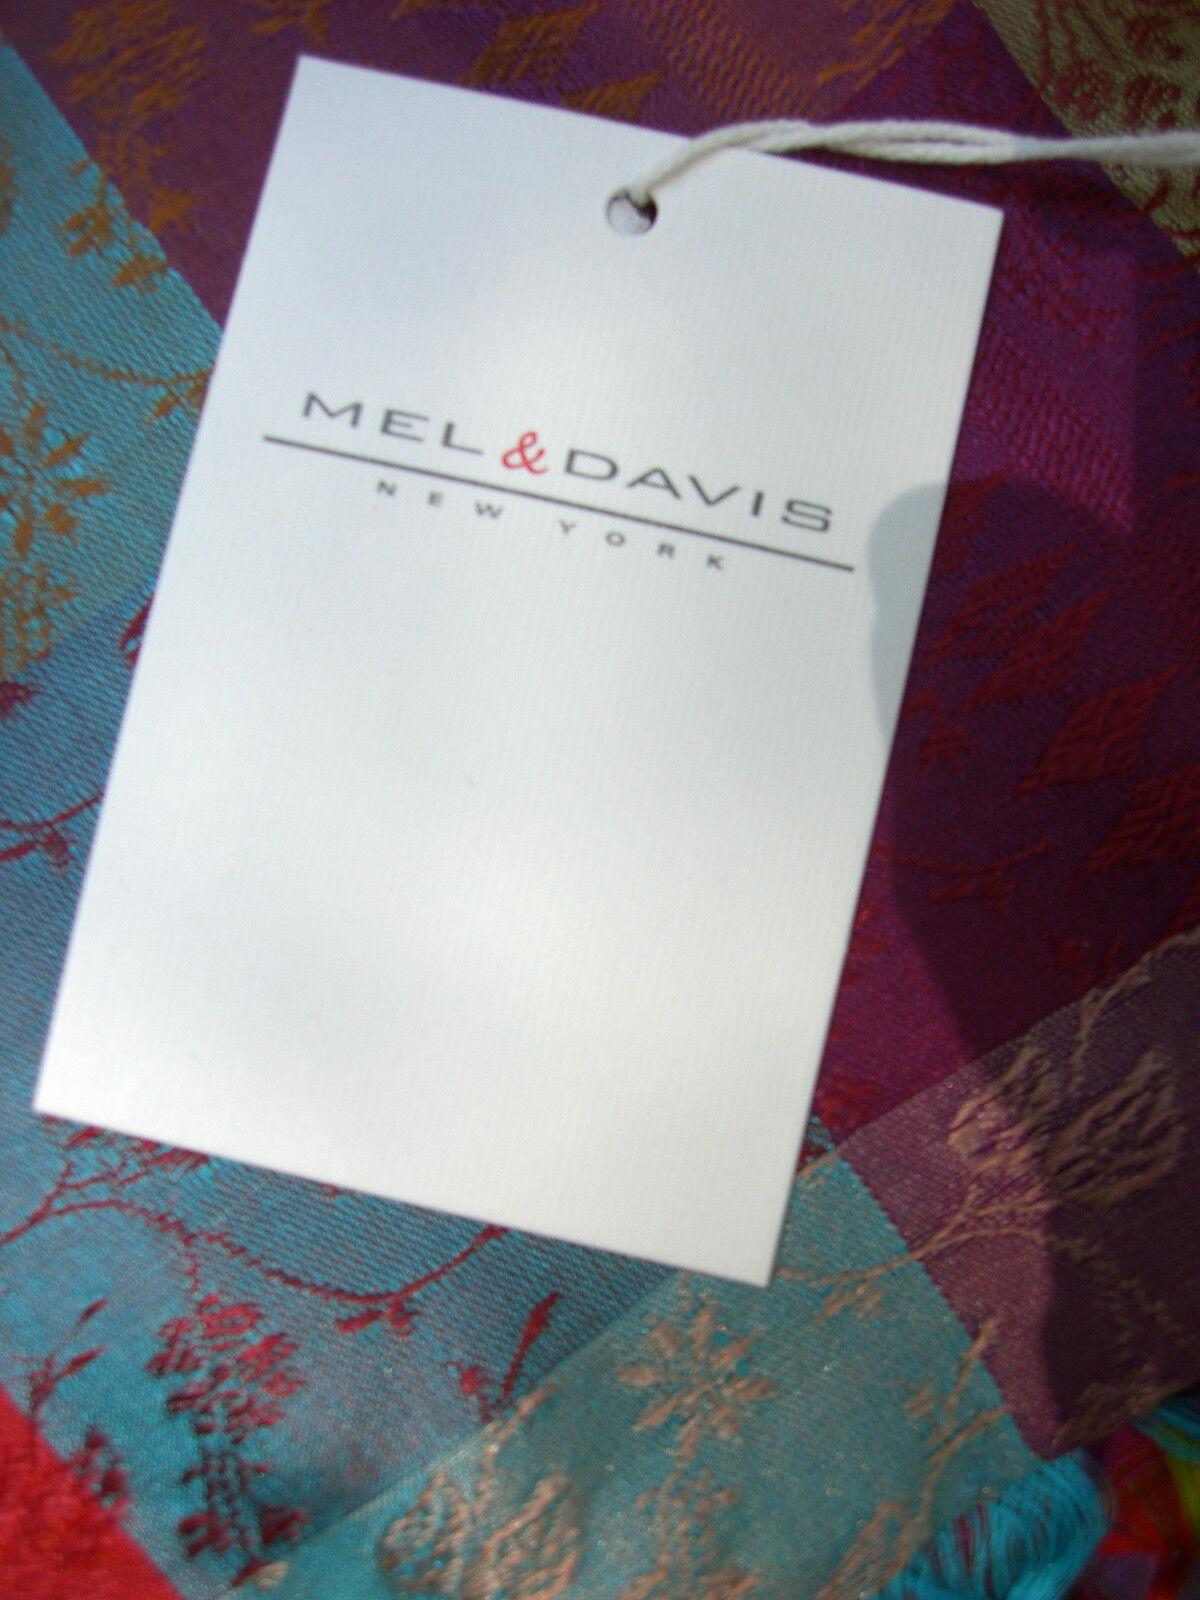 Seidenschal Seidenstola Seidentuch Mel & Davis N.Y. neu neu neu handgewebt multicolour   Reparieren    Gutes Design    Spielzeugwelt, fröhlicher Ozean  aa9714